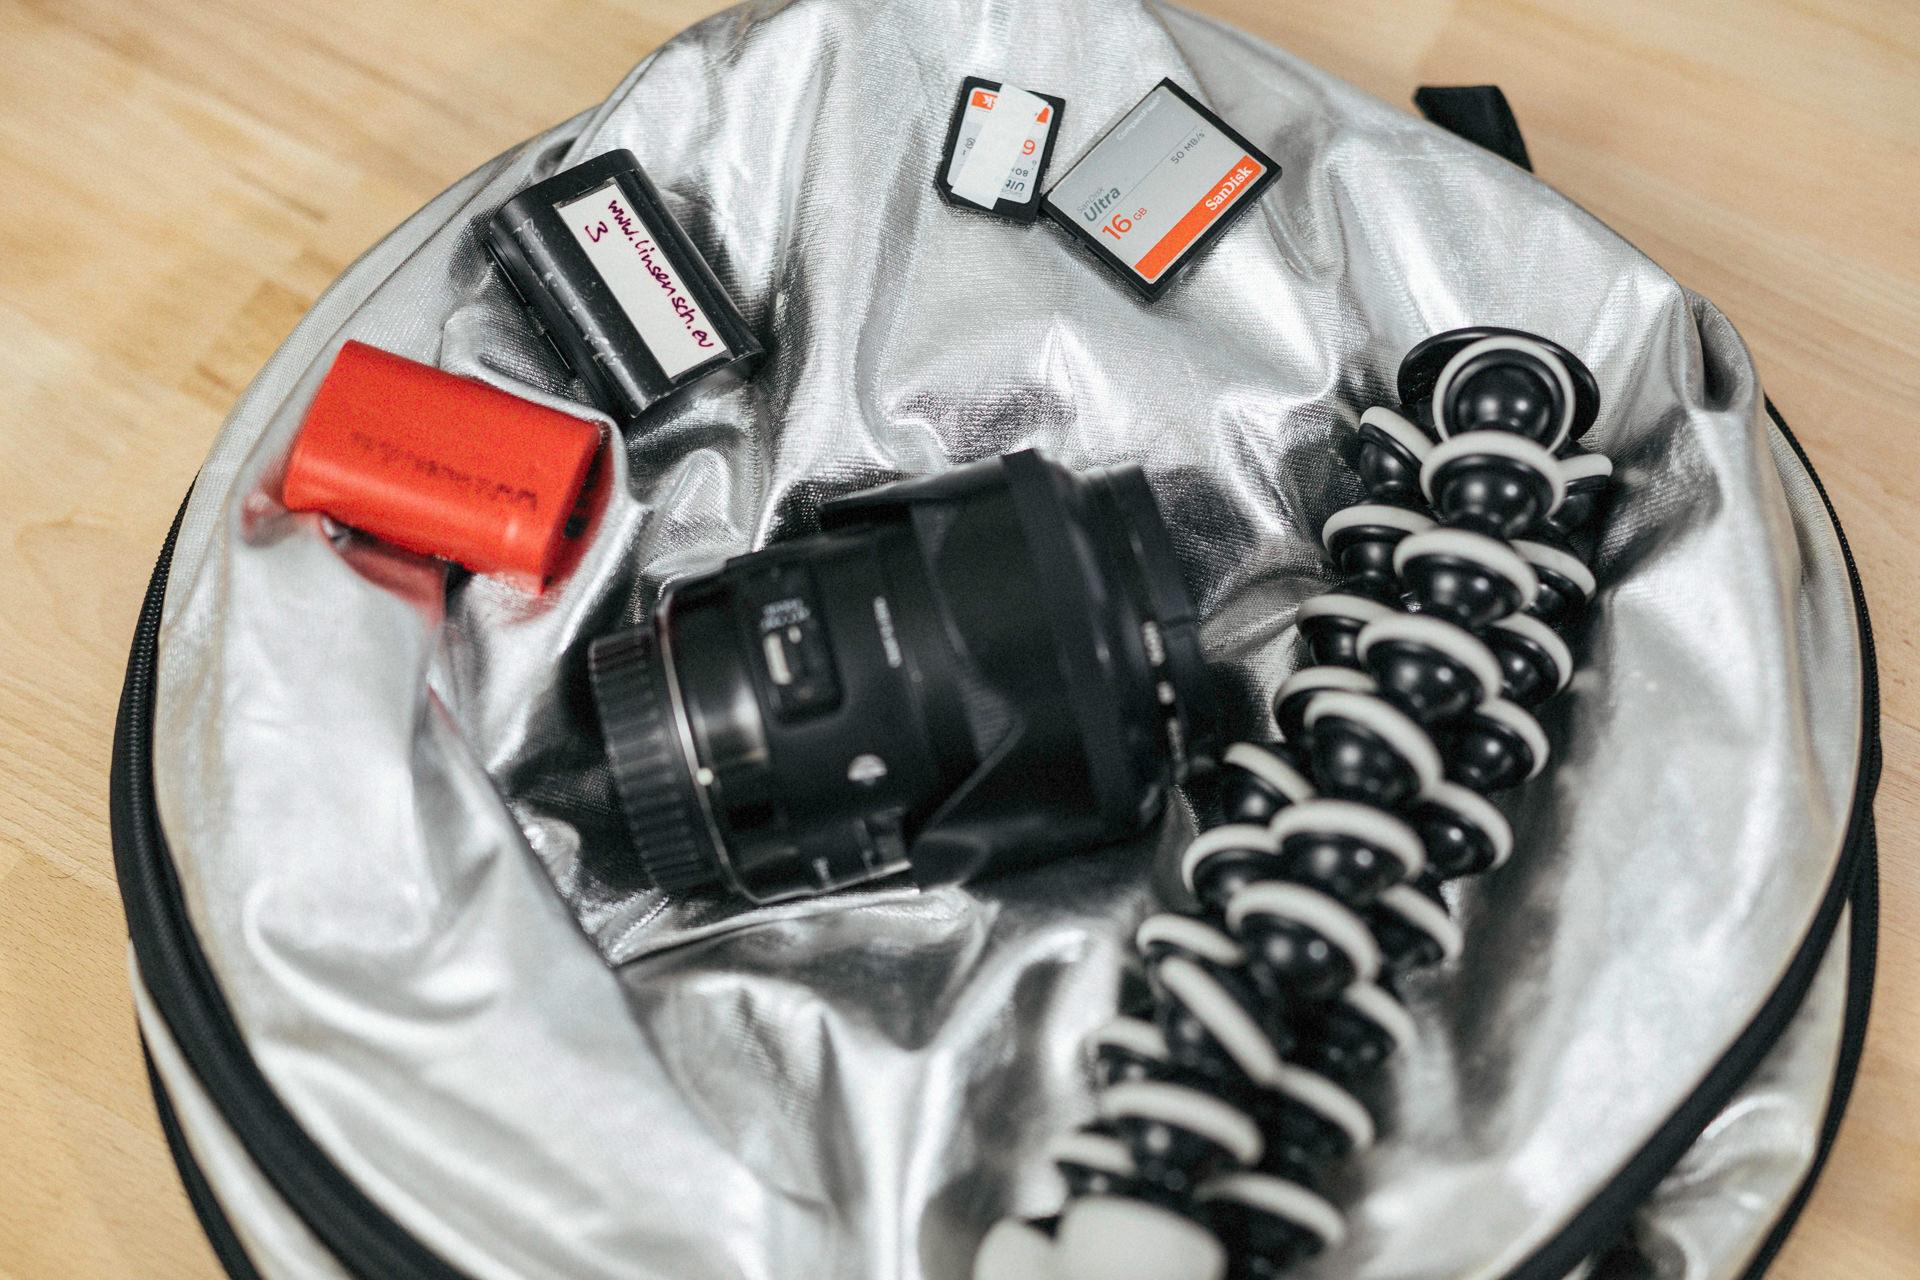 5 Produkte die jeder Fotografie-Anfänger unbedingt braucht